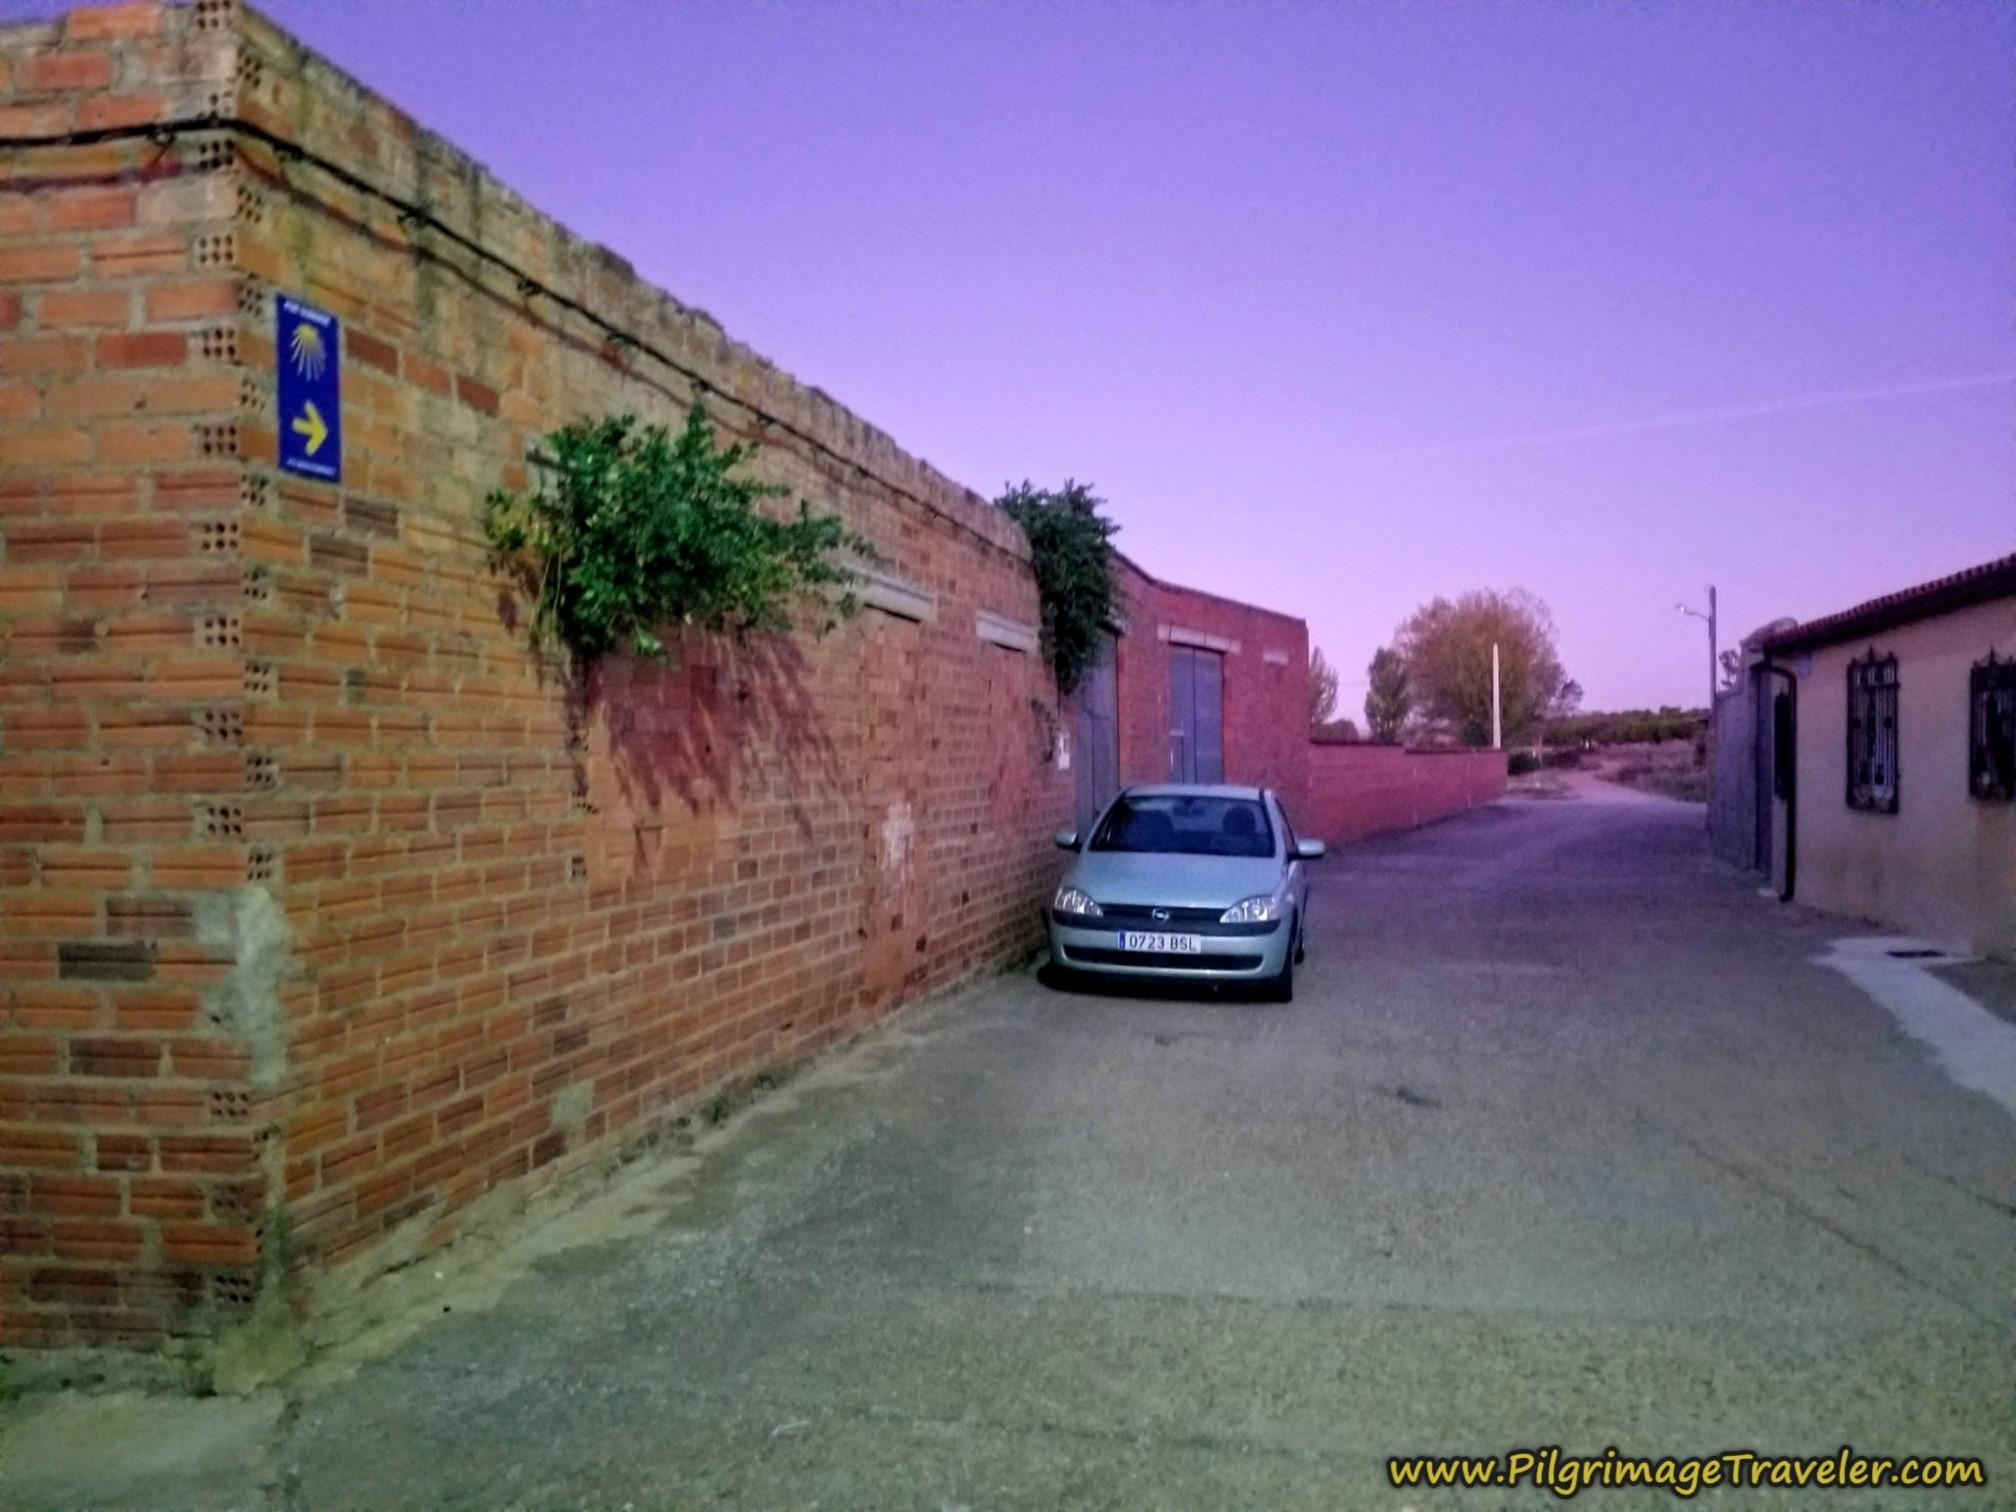 Leaving Granja de Moreruela at Dawn